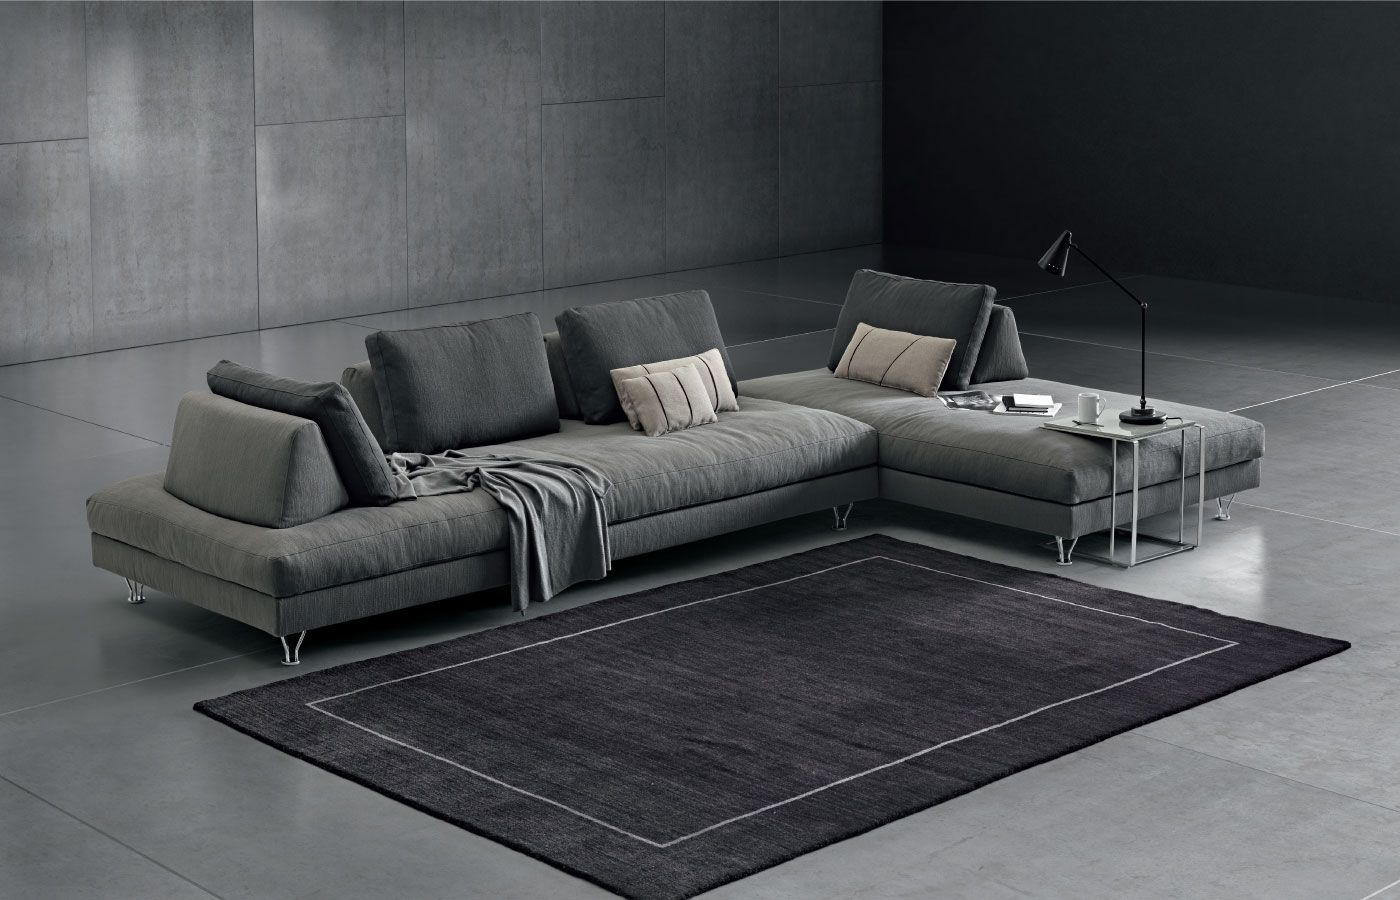 Fly divano componibile di design - Dema | For the Home | Furniture ...